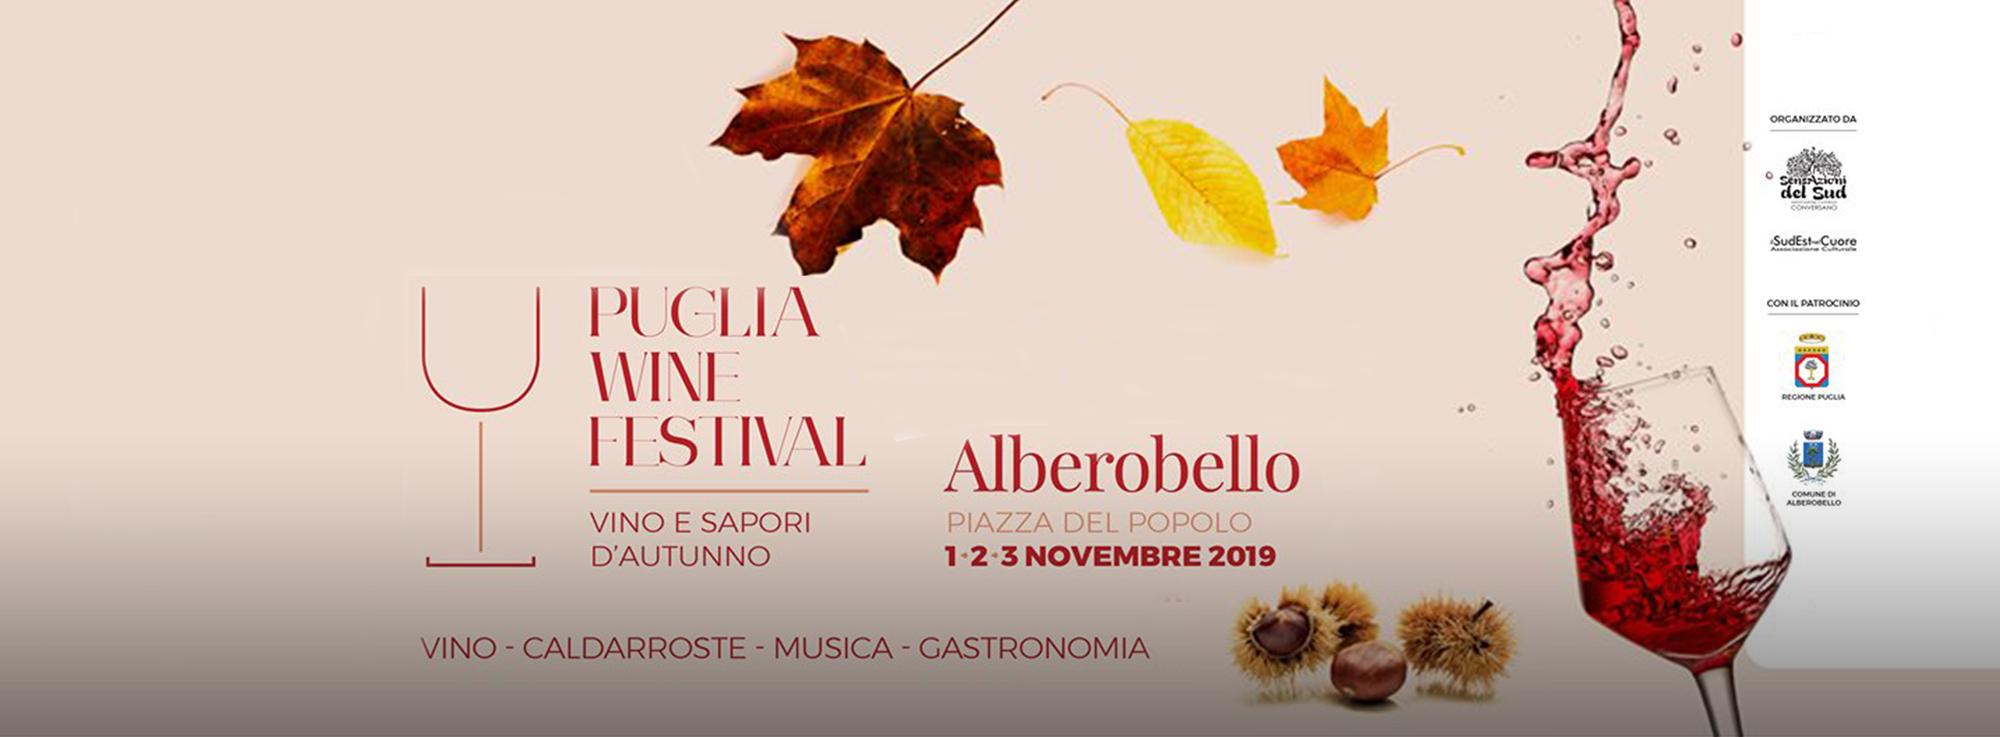 Alberobello: PUGLIA WINE FESTIVAL